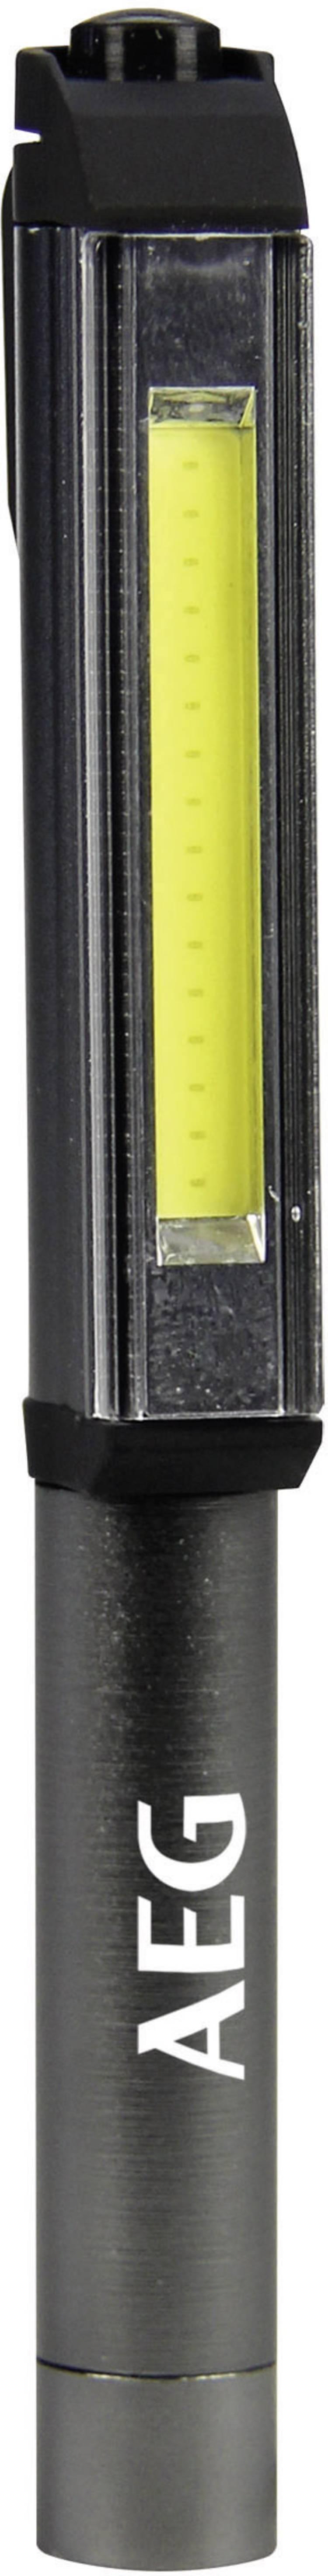 Image of AEG 97199 COB Stiftleuchte 3 W 12x Penlightlamp werkt op batterijen 200 lm